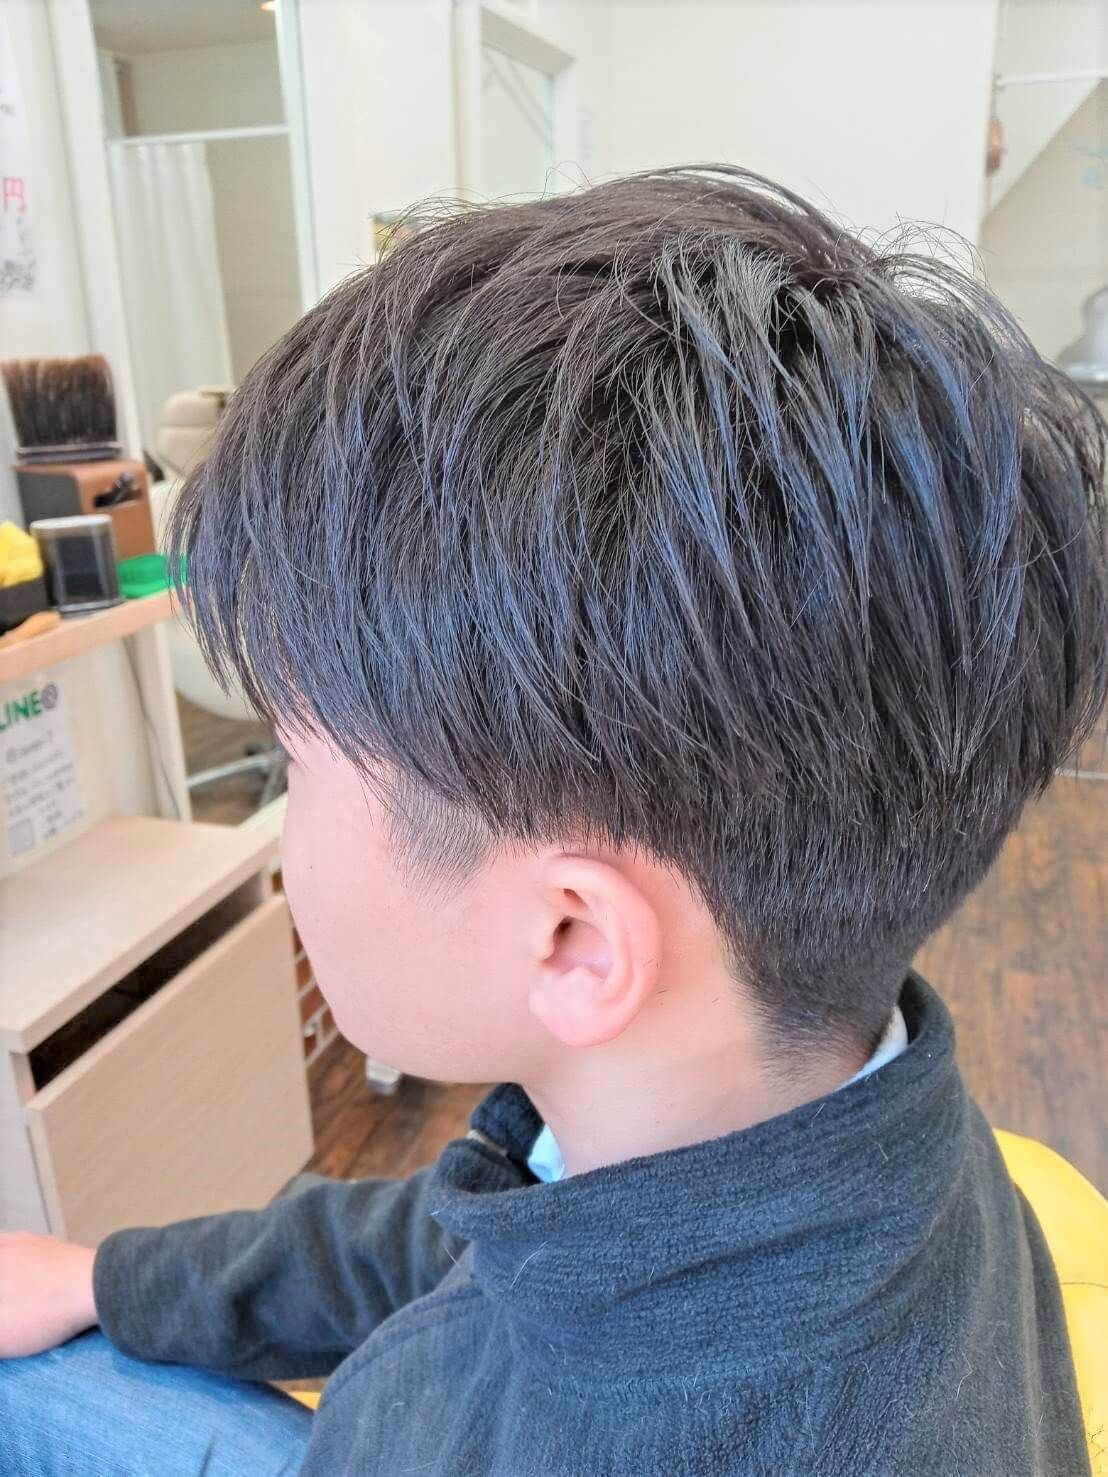 中学生男子ツーブロスタイル動画付き詳細 ヘアカット 男子 髪型 ショート 男子 ヘアスタイル